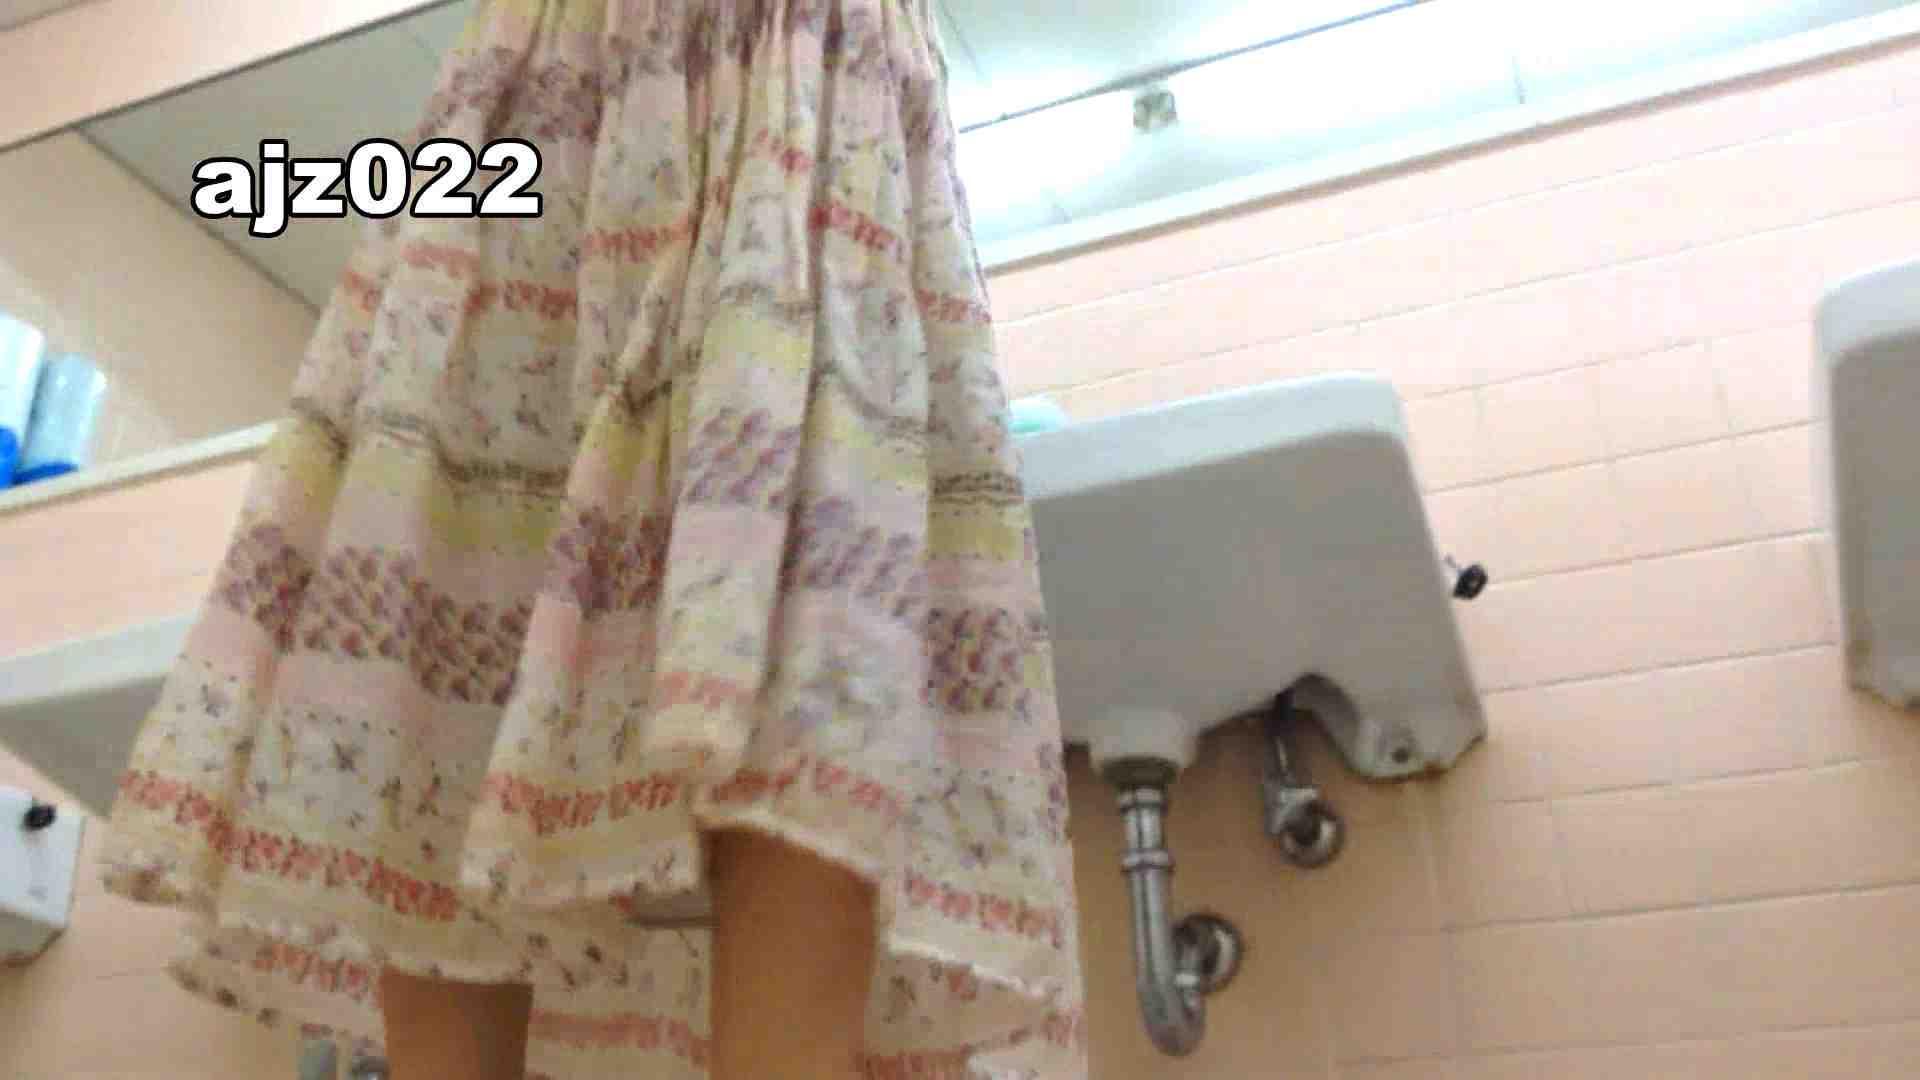 某有名大学女性洗面所 vol.22 投稿 オメコ動画キャプチャ 92枚 23